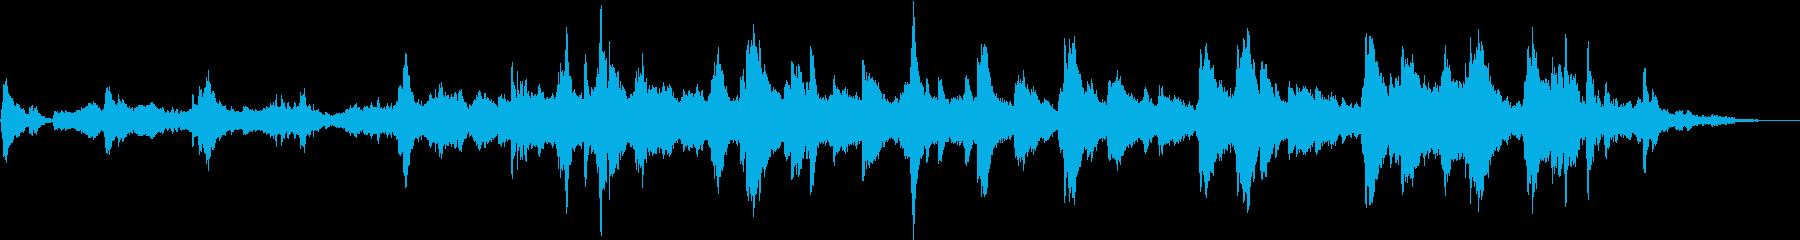 切ないピアノ ストリングス 感動の再生済みの波形